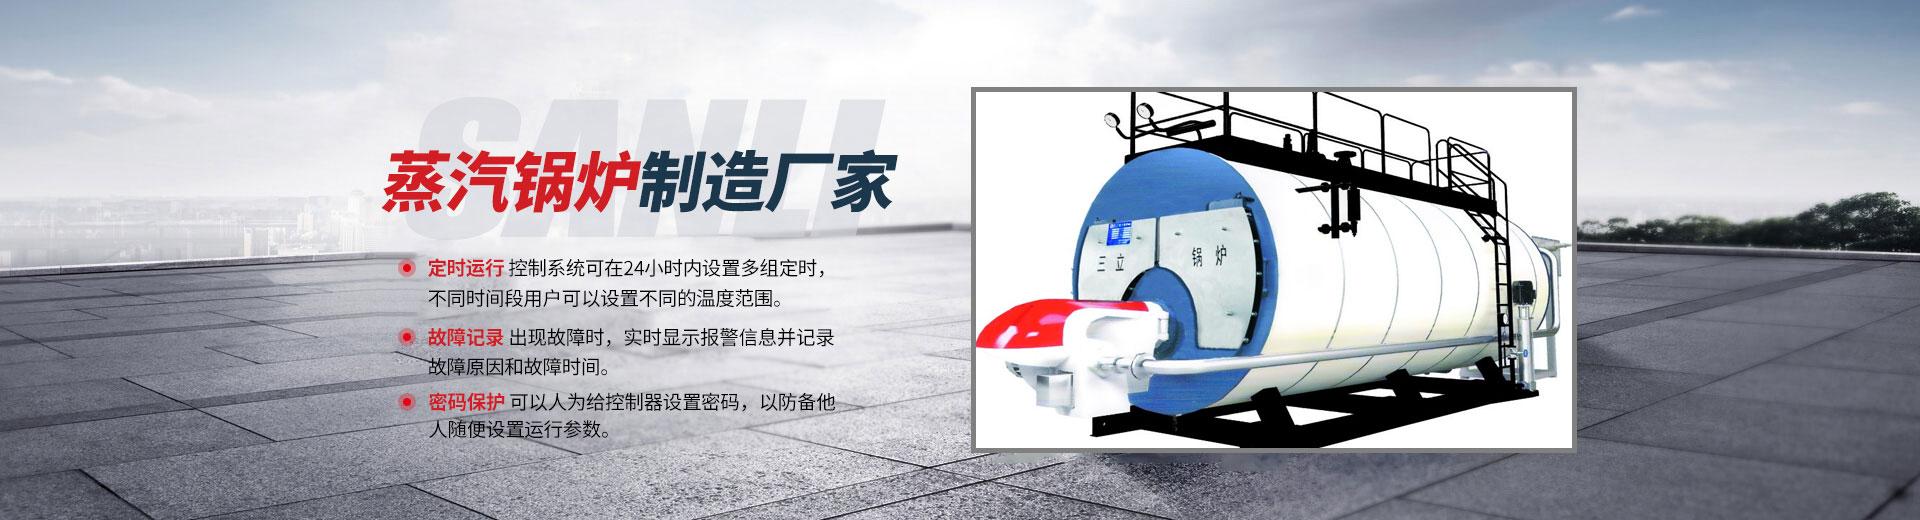 安阳三立锅炉科技有限公司